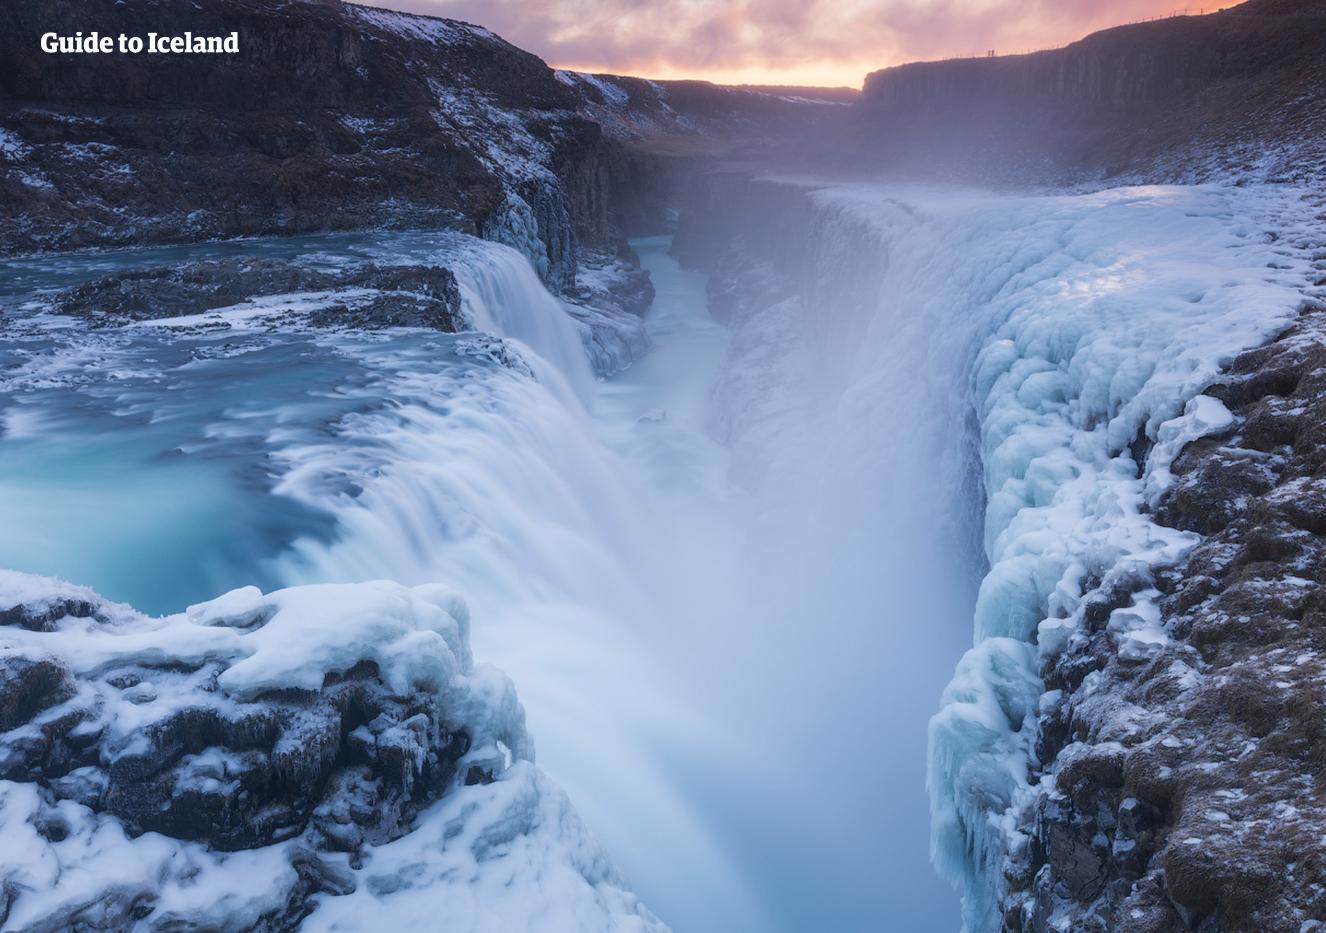 Det mægtige Gullfoss-vandfald er fantastisk, og de omkringliggende tilfrosne landskaber om vinteren gør det kun endnu mere tillokkende